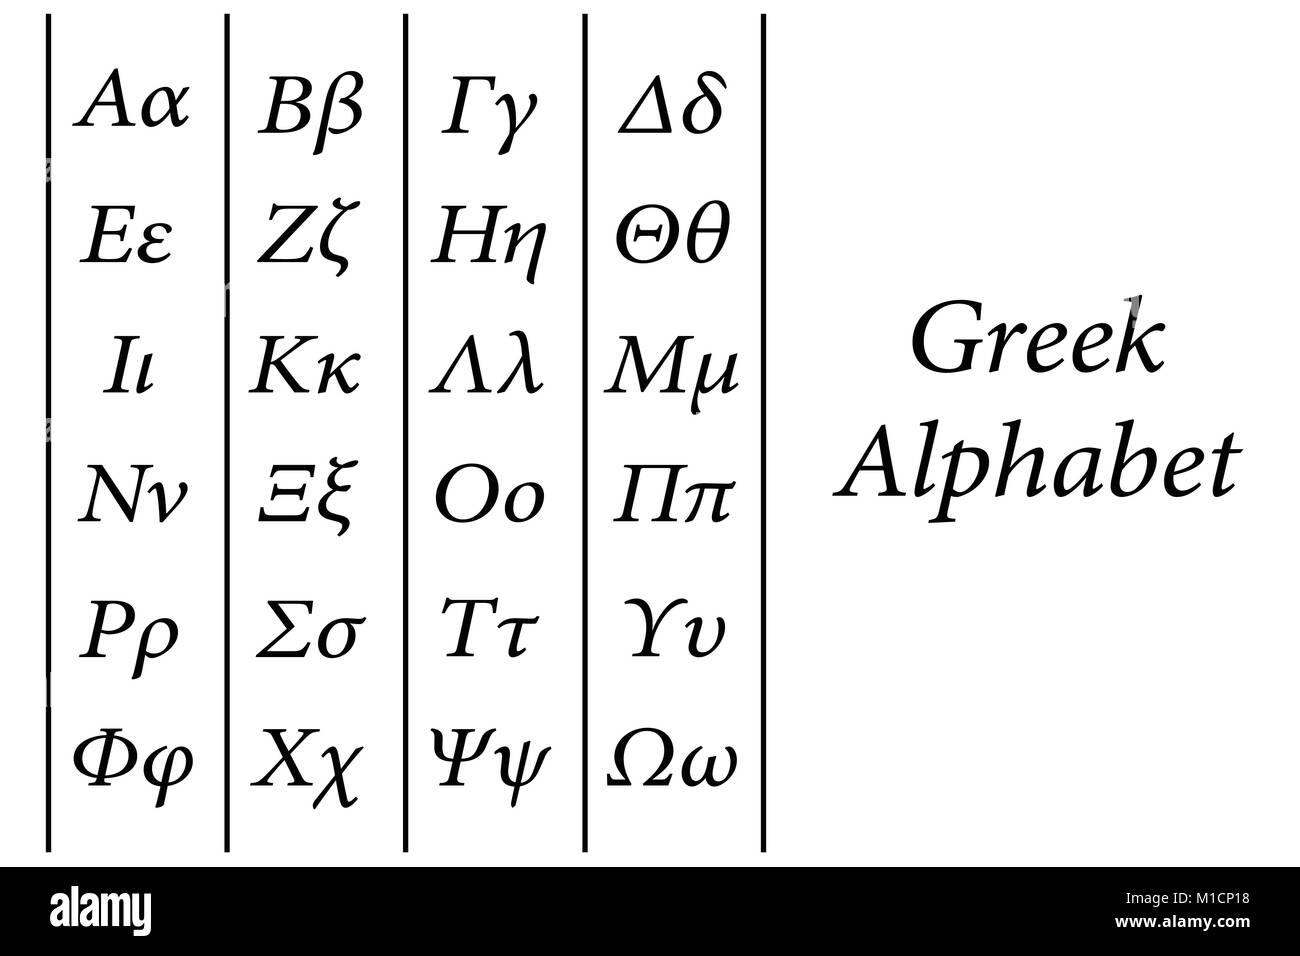 Greek Letters - senchou info